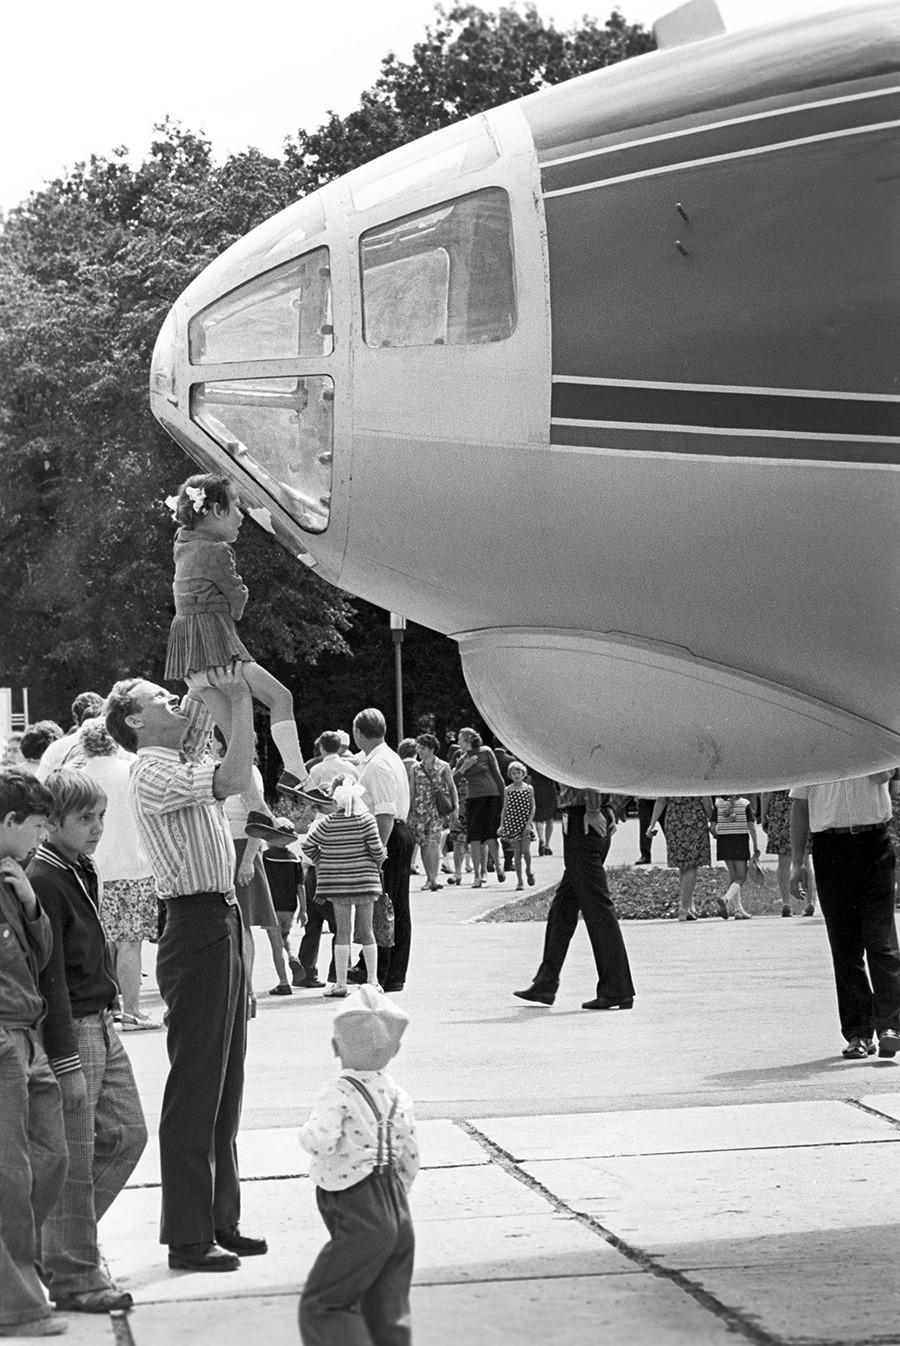 El avión de cine Antoshka, basado en el An-10, en el parque de Kuibishev, llamado así por Yuri Gagarin (ahora Samara), 1977